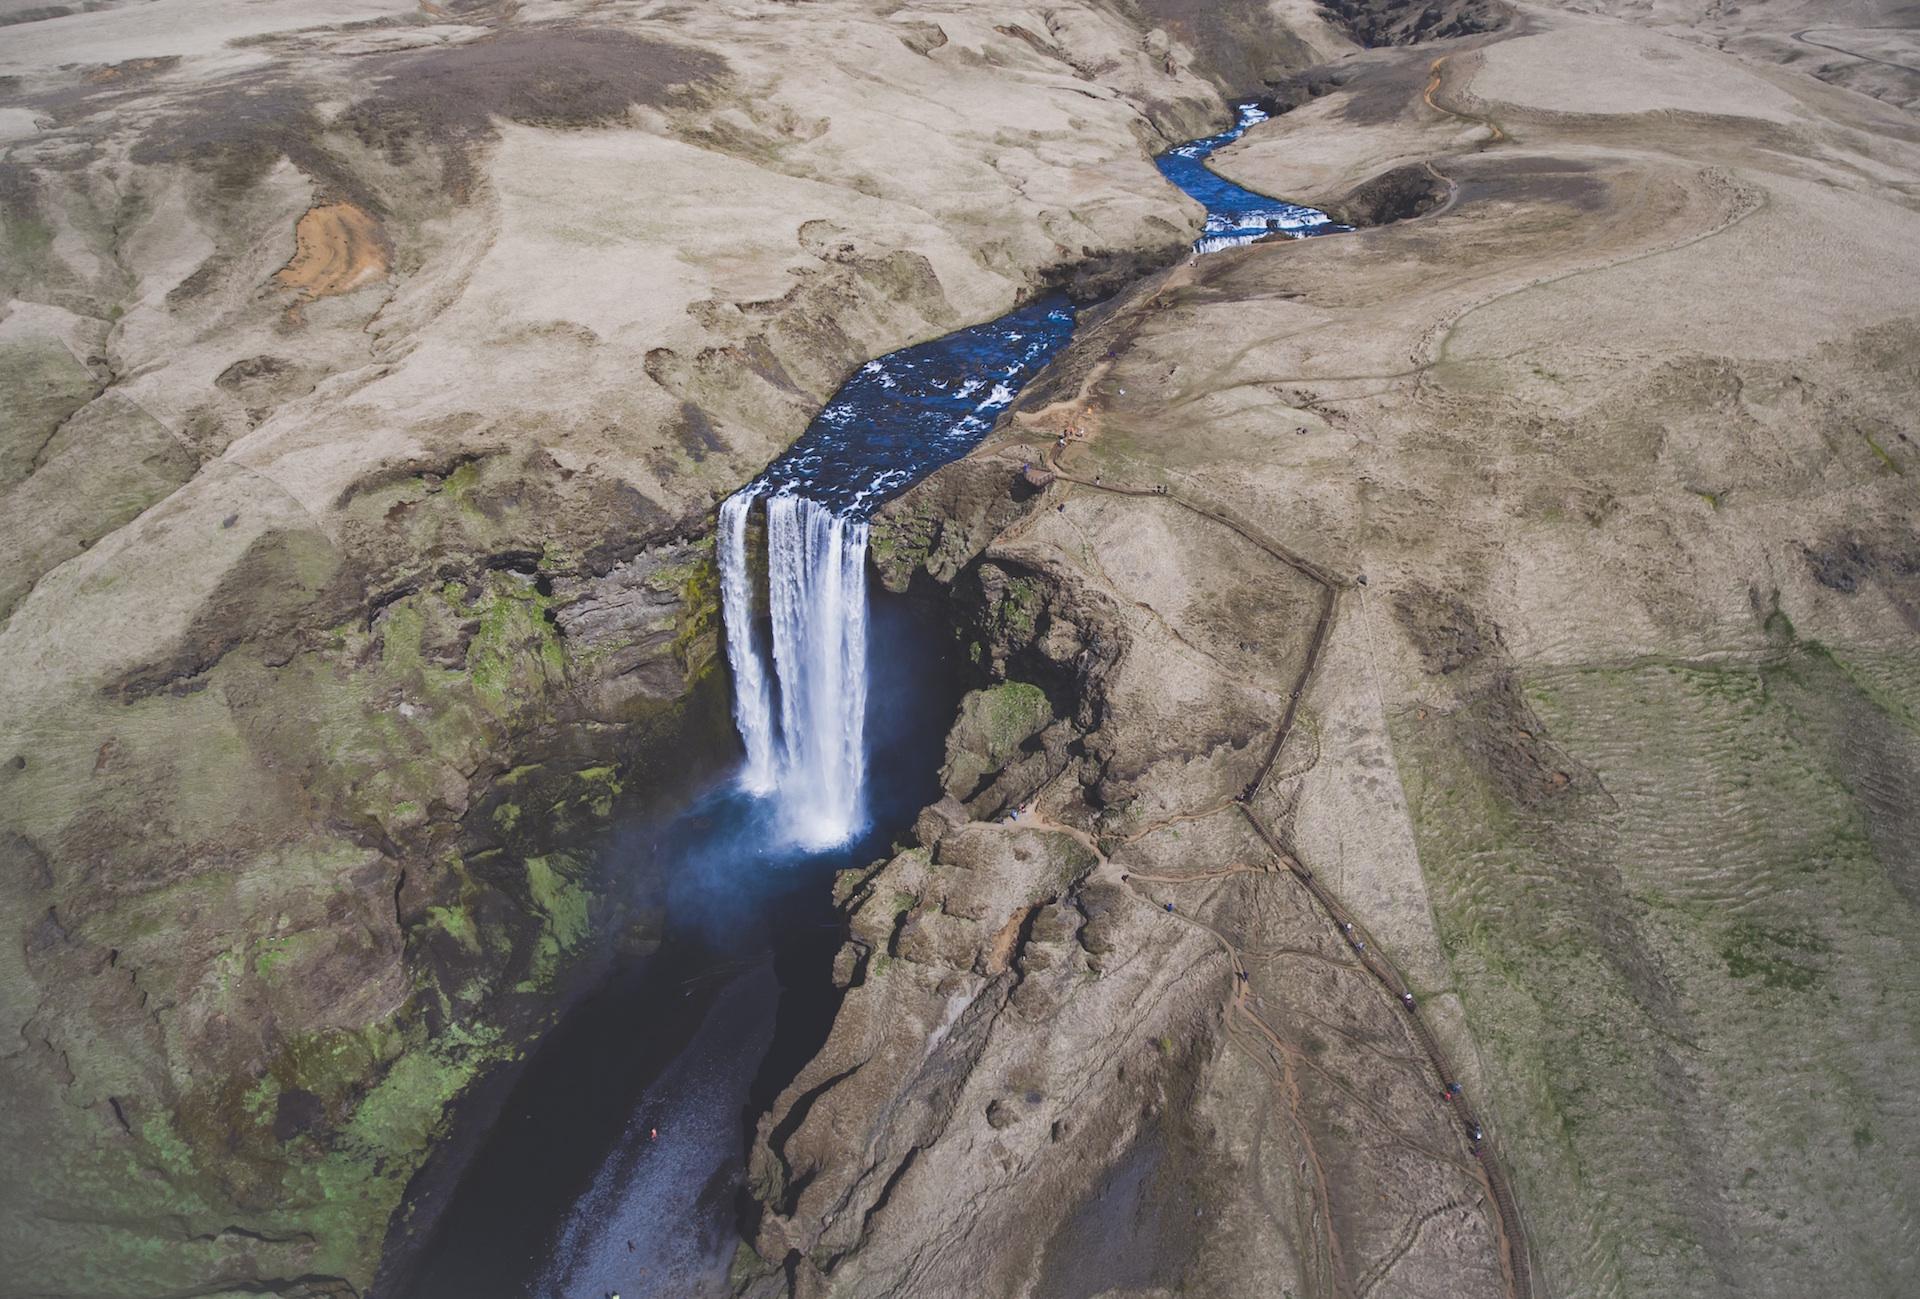 Ποταμός, catarata, Καταρράκτης, νερό, Ισλανδία - Wallpapers HD - Professor-falken.com